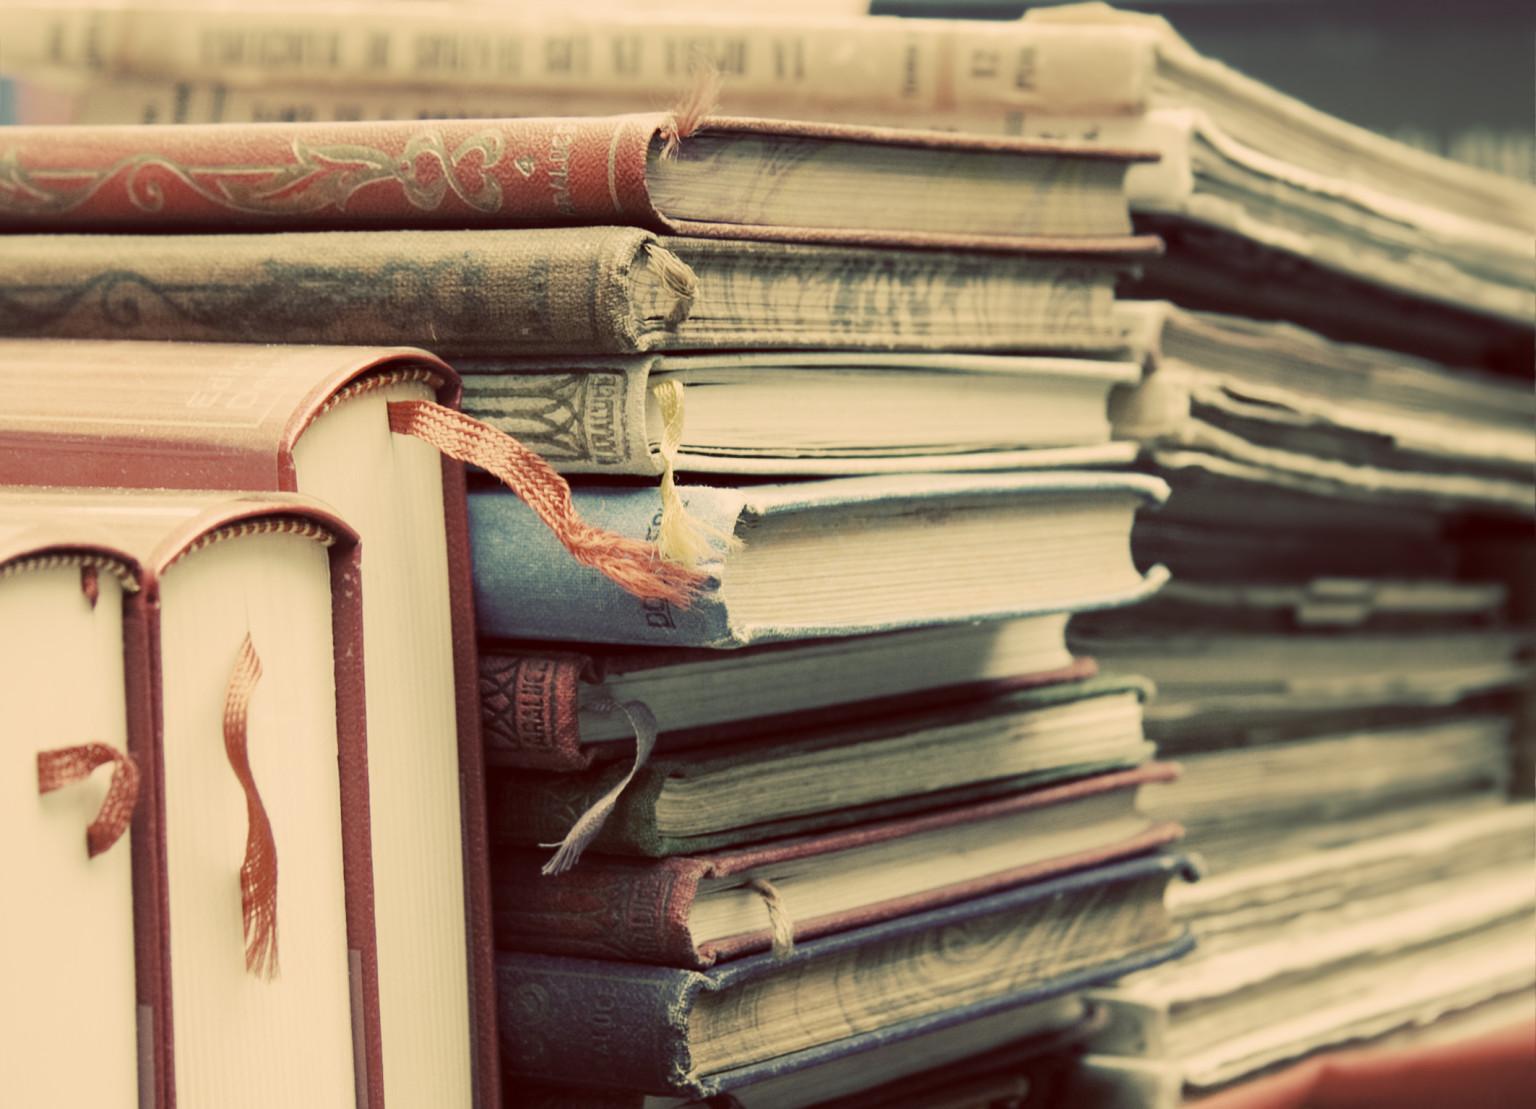 Super Awesome Book Dress Photos